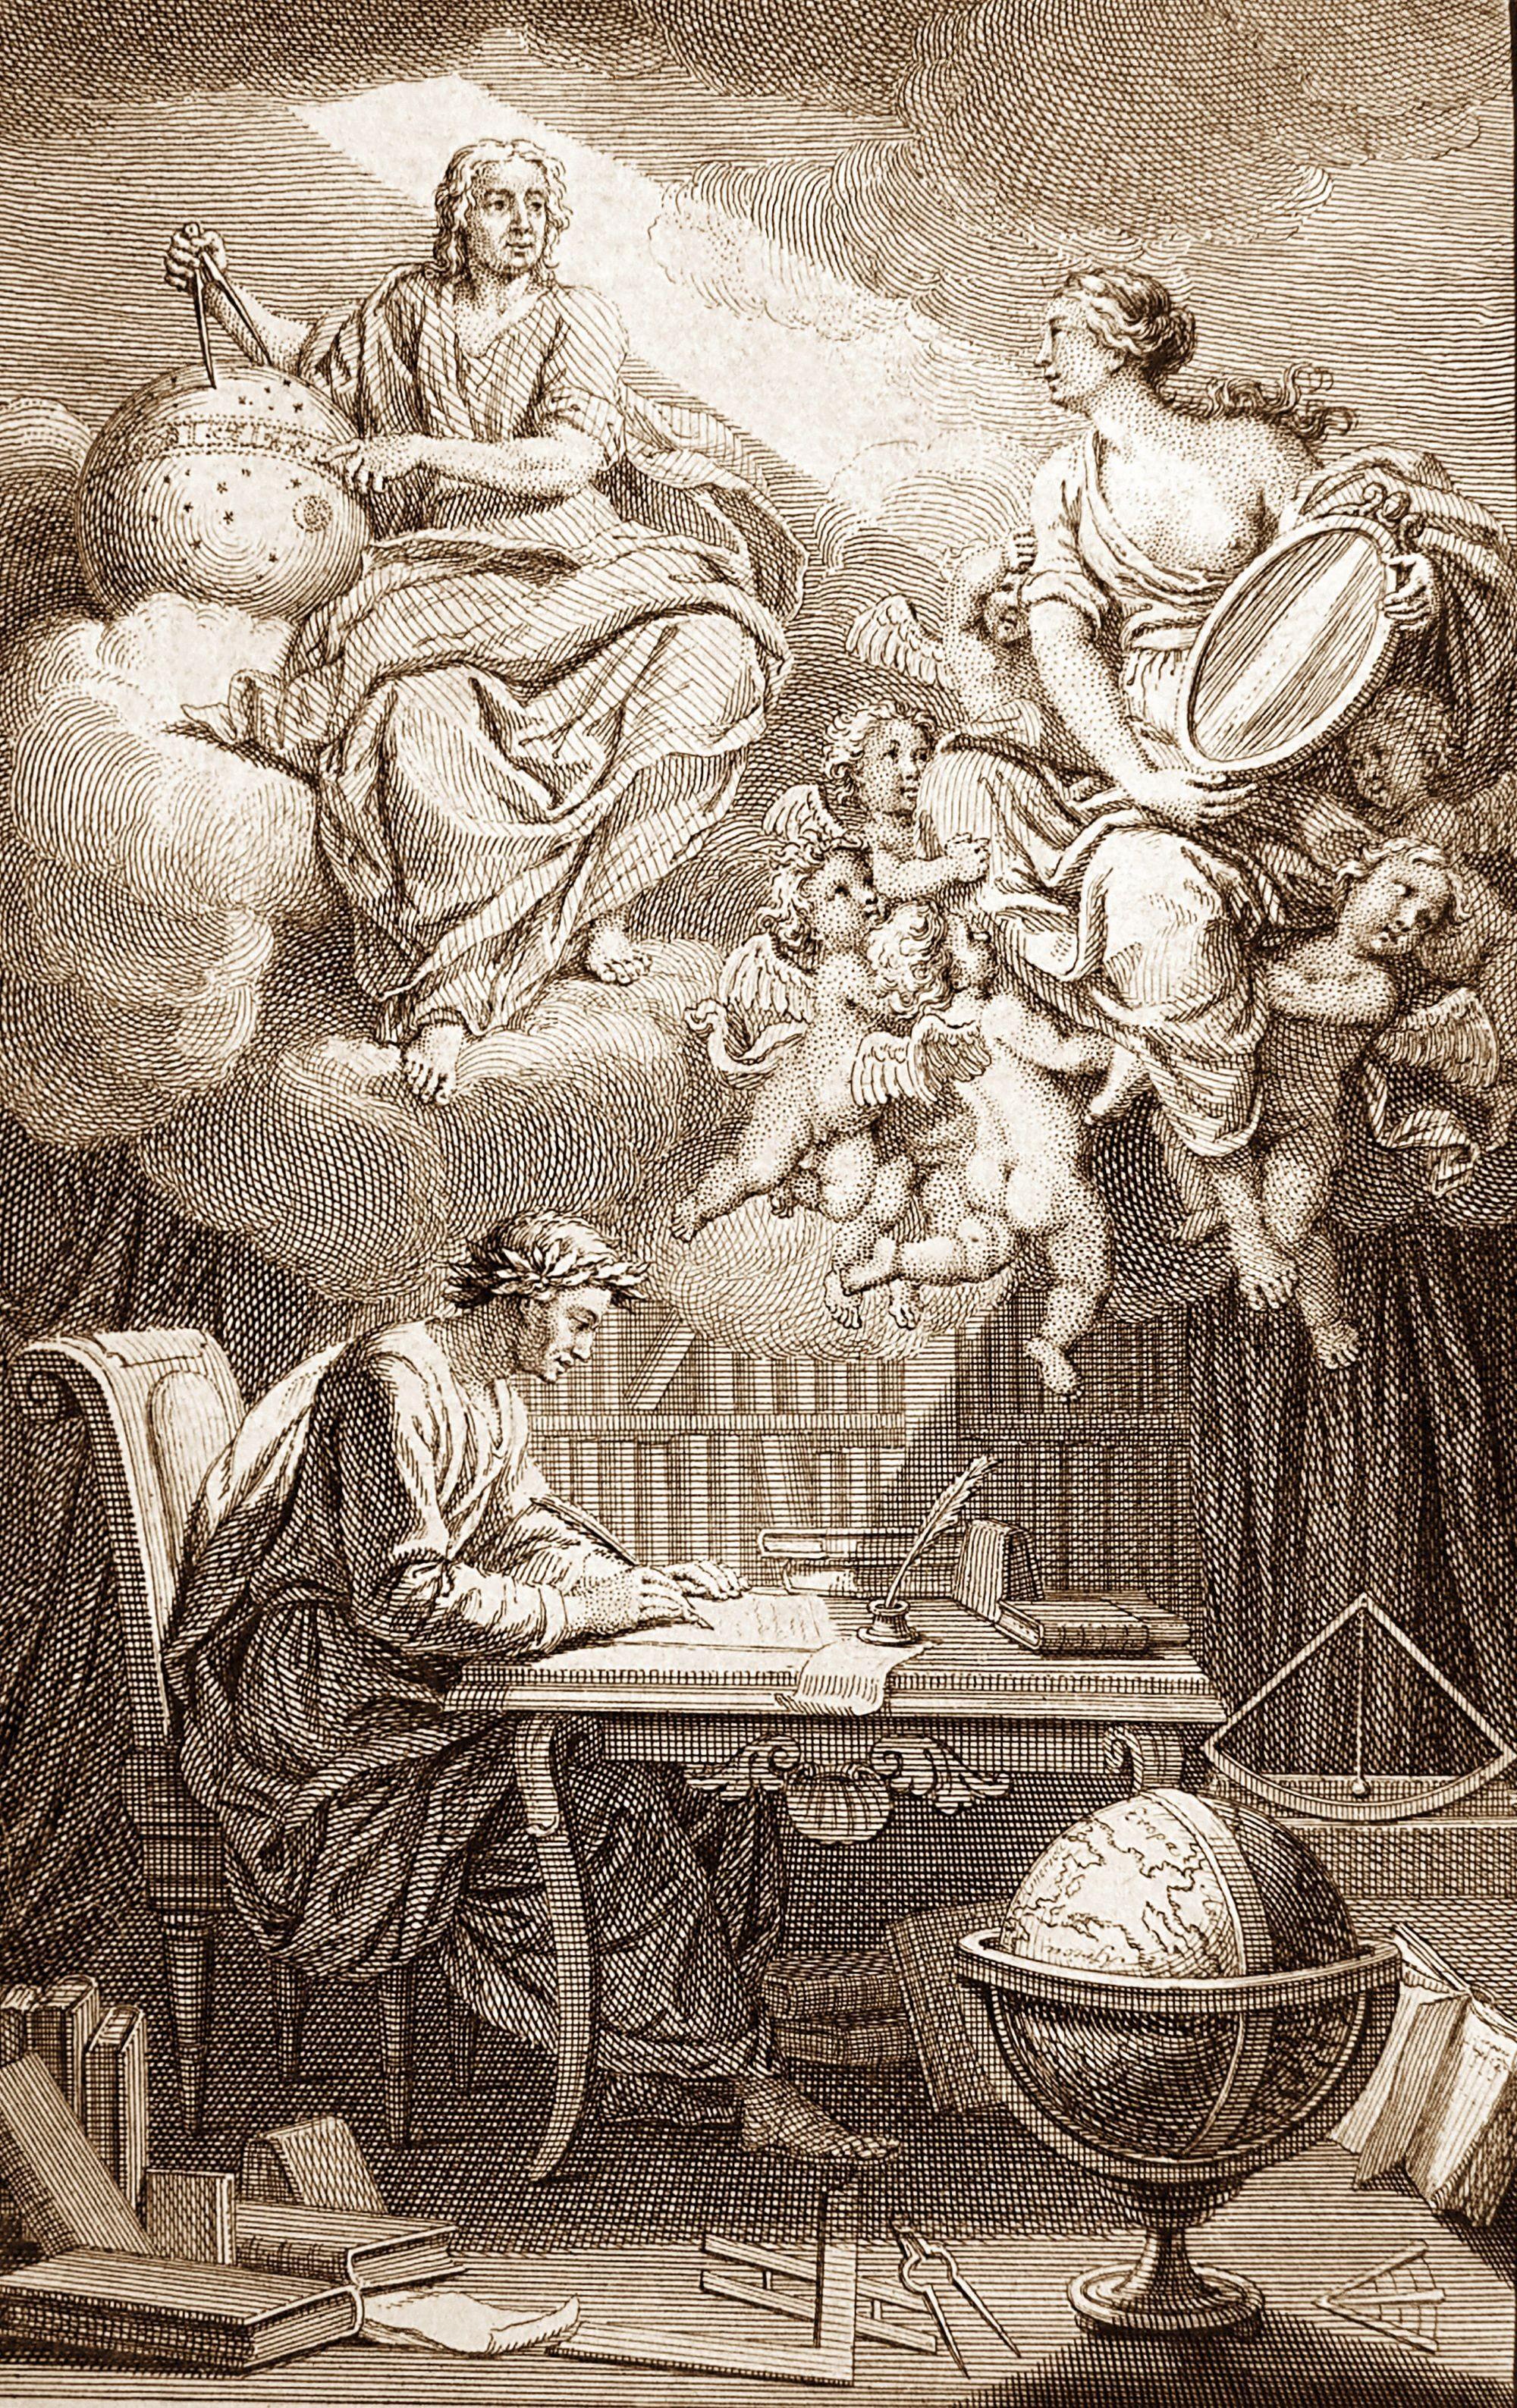 Frontispice de l'ouvrage de Voltaire, Éléments de la philosophie de Newton, 1738, gravure, BnF, Paris